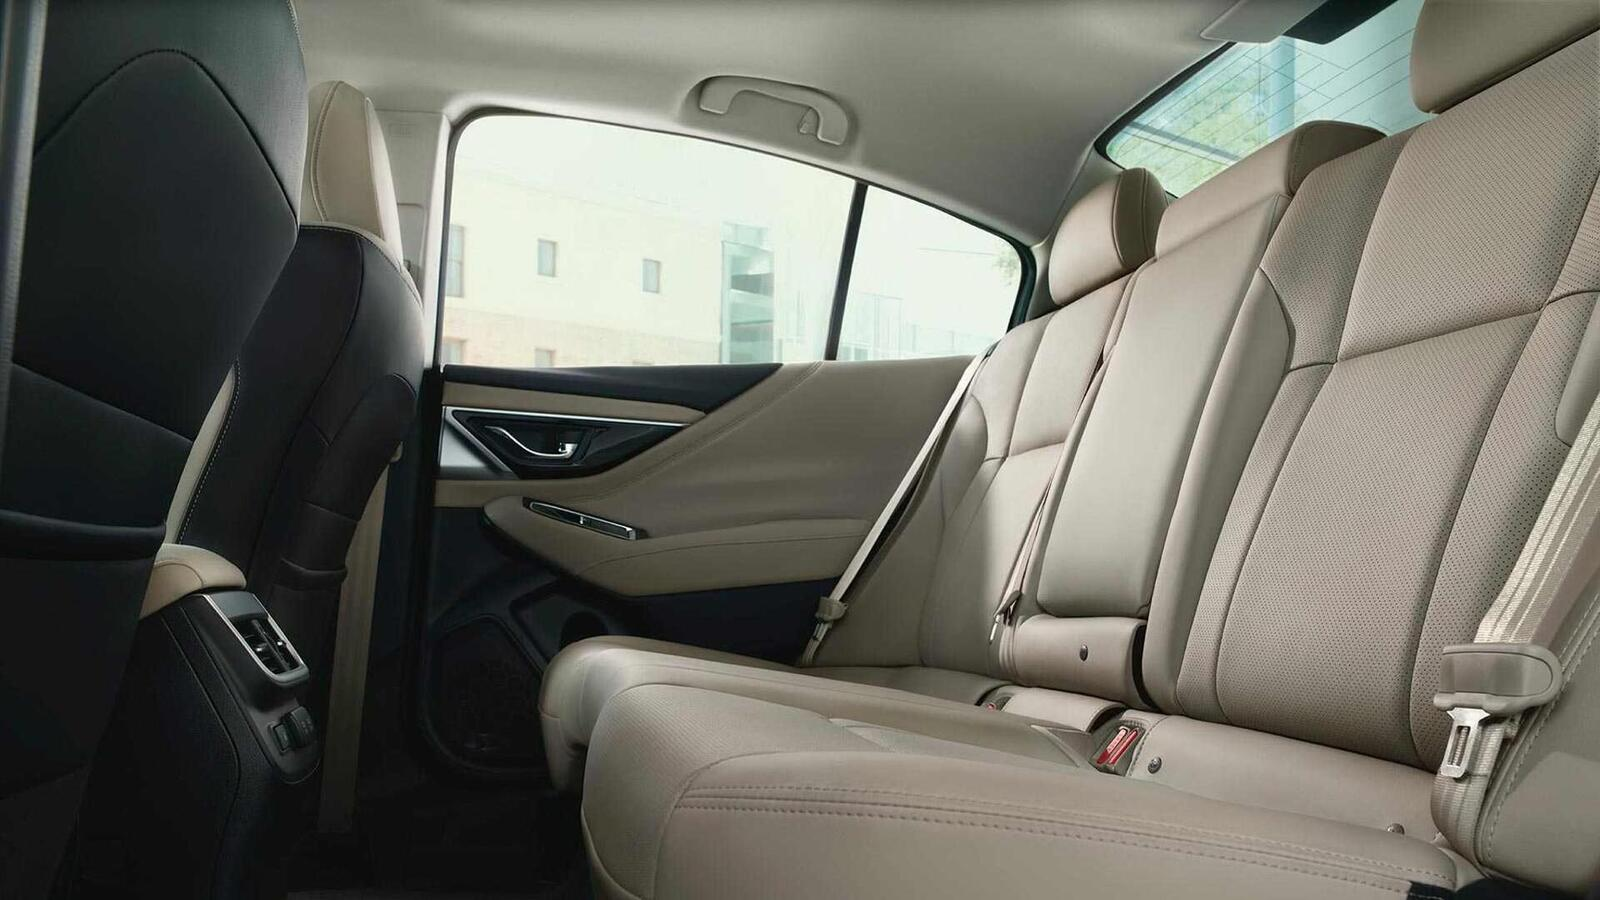 Subaru Legacy thế hệ mới ra mắt; đổi mới thiết kế; có thêm động cơ 2.5L tăng áp - Hình 8